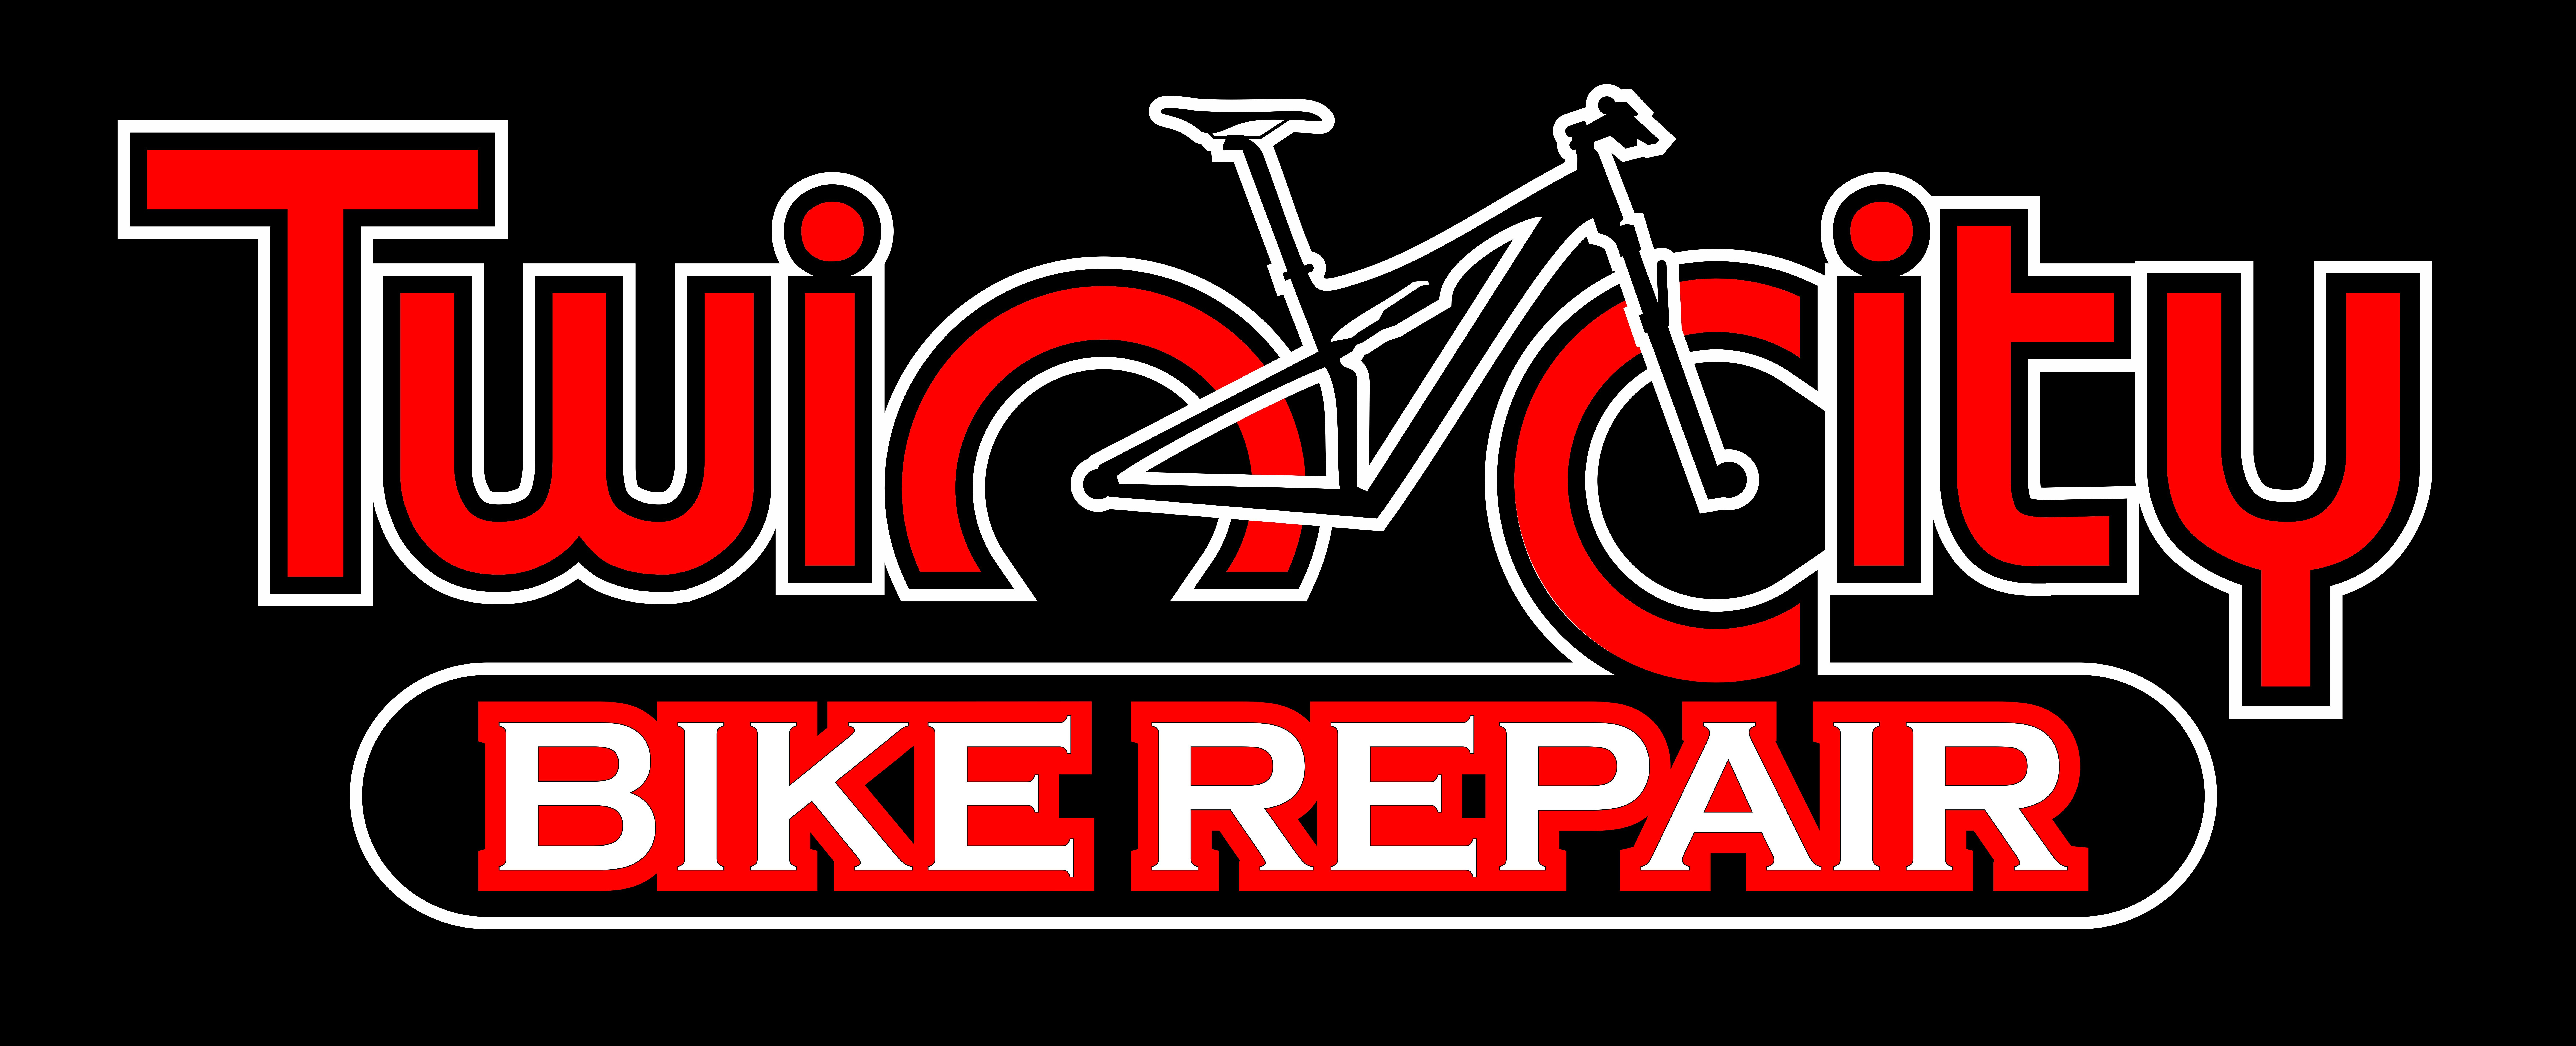 Twin City Bike Repair